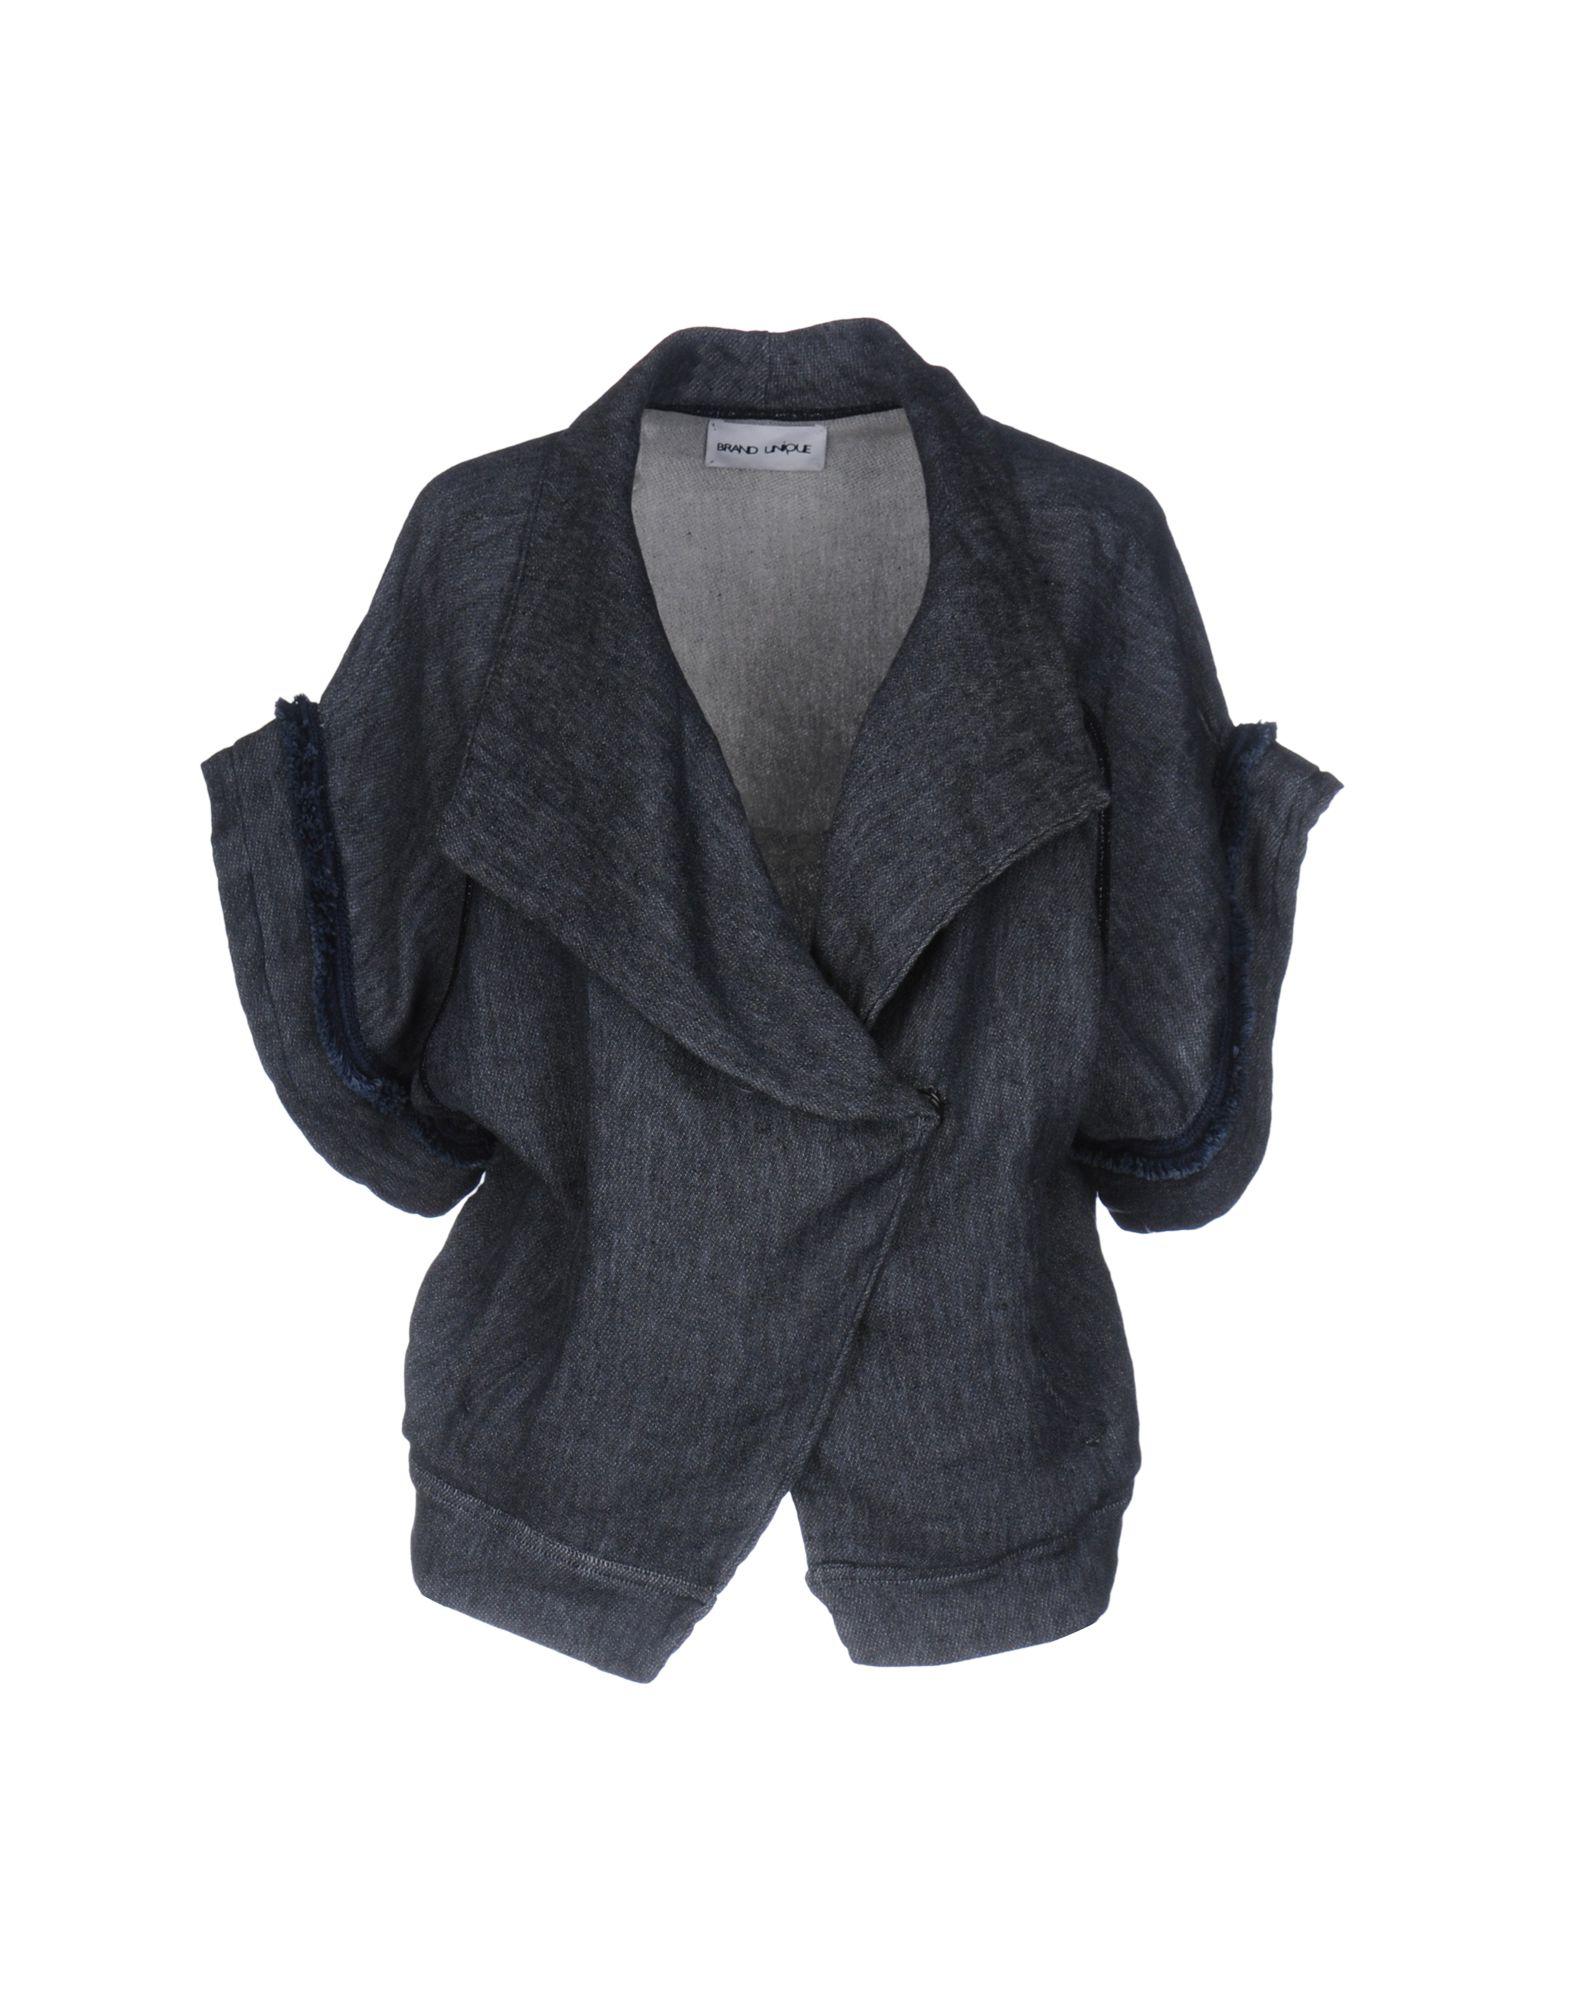 BRAND UNIQUE Blazer in Slate Blue